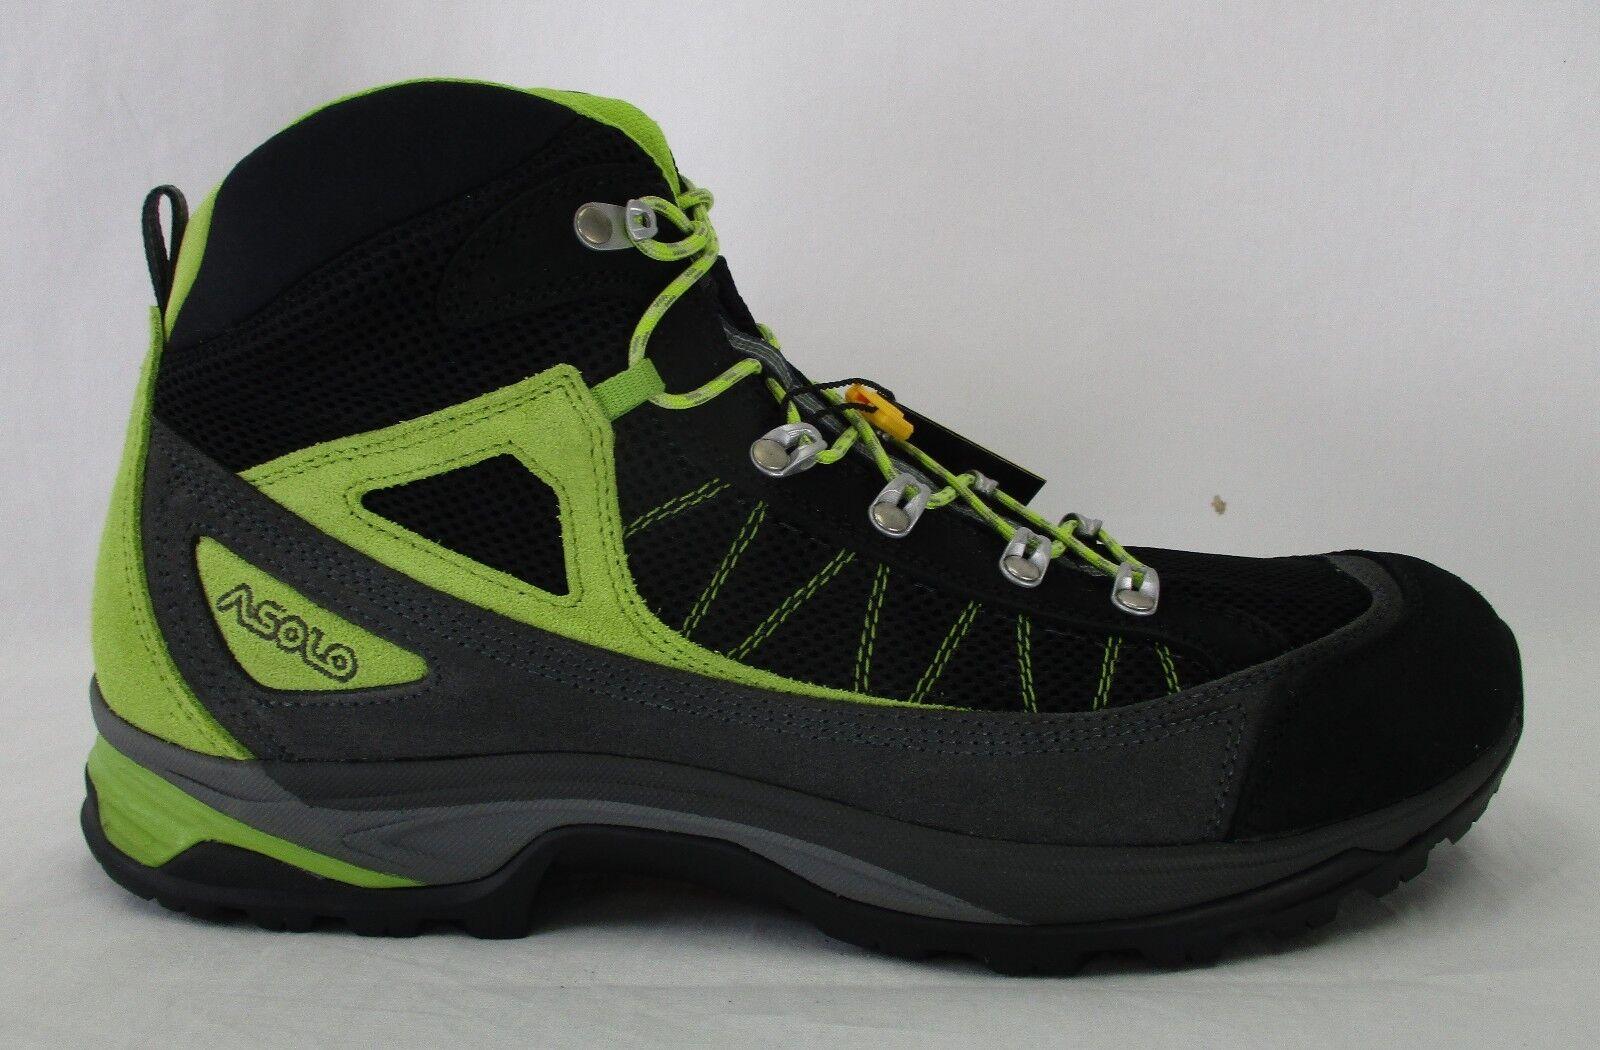 Asolo botas de travesía para hombre Fulton A40018 negro (con verde Lima)